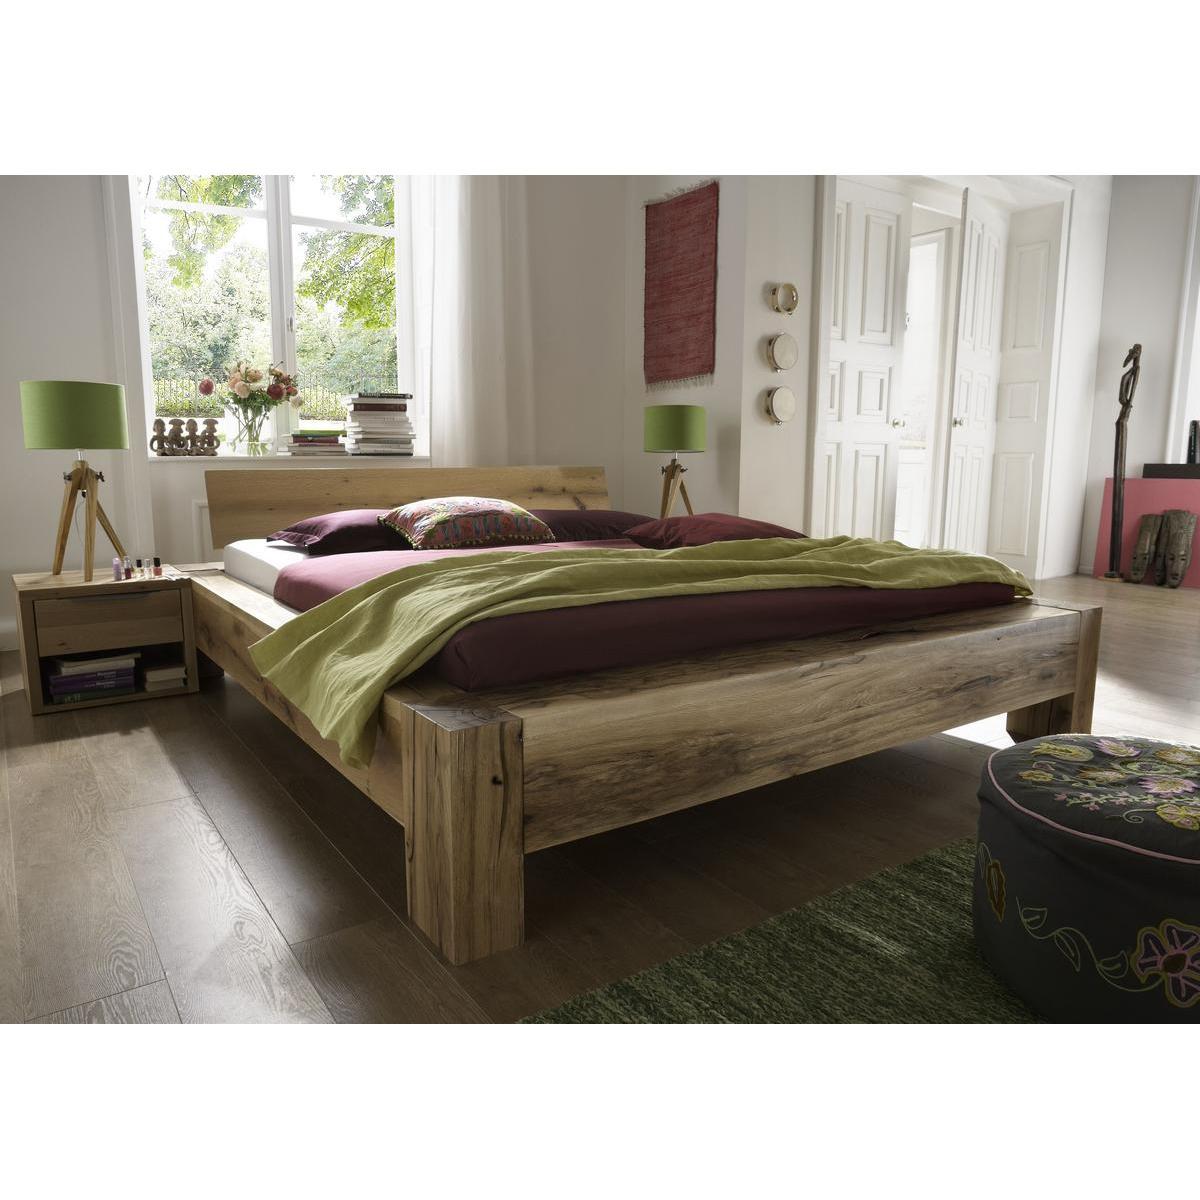 vollholz balkenbett 180x200 heavy sleep alba wildeiche. Black Bedroom Furniture Sets. Home Design Ideas